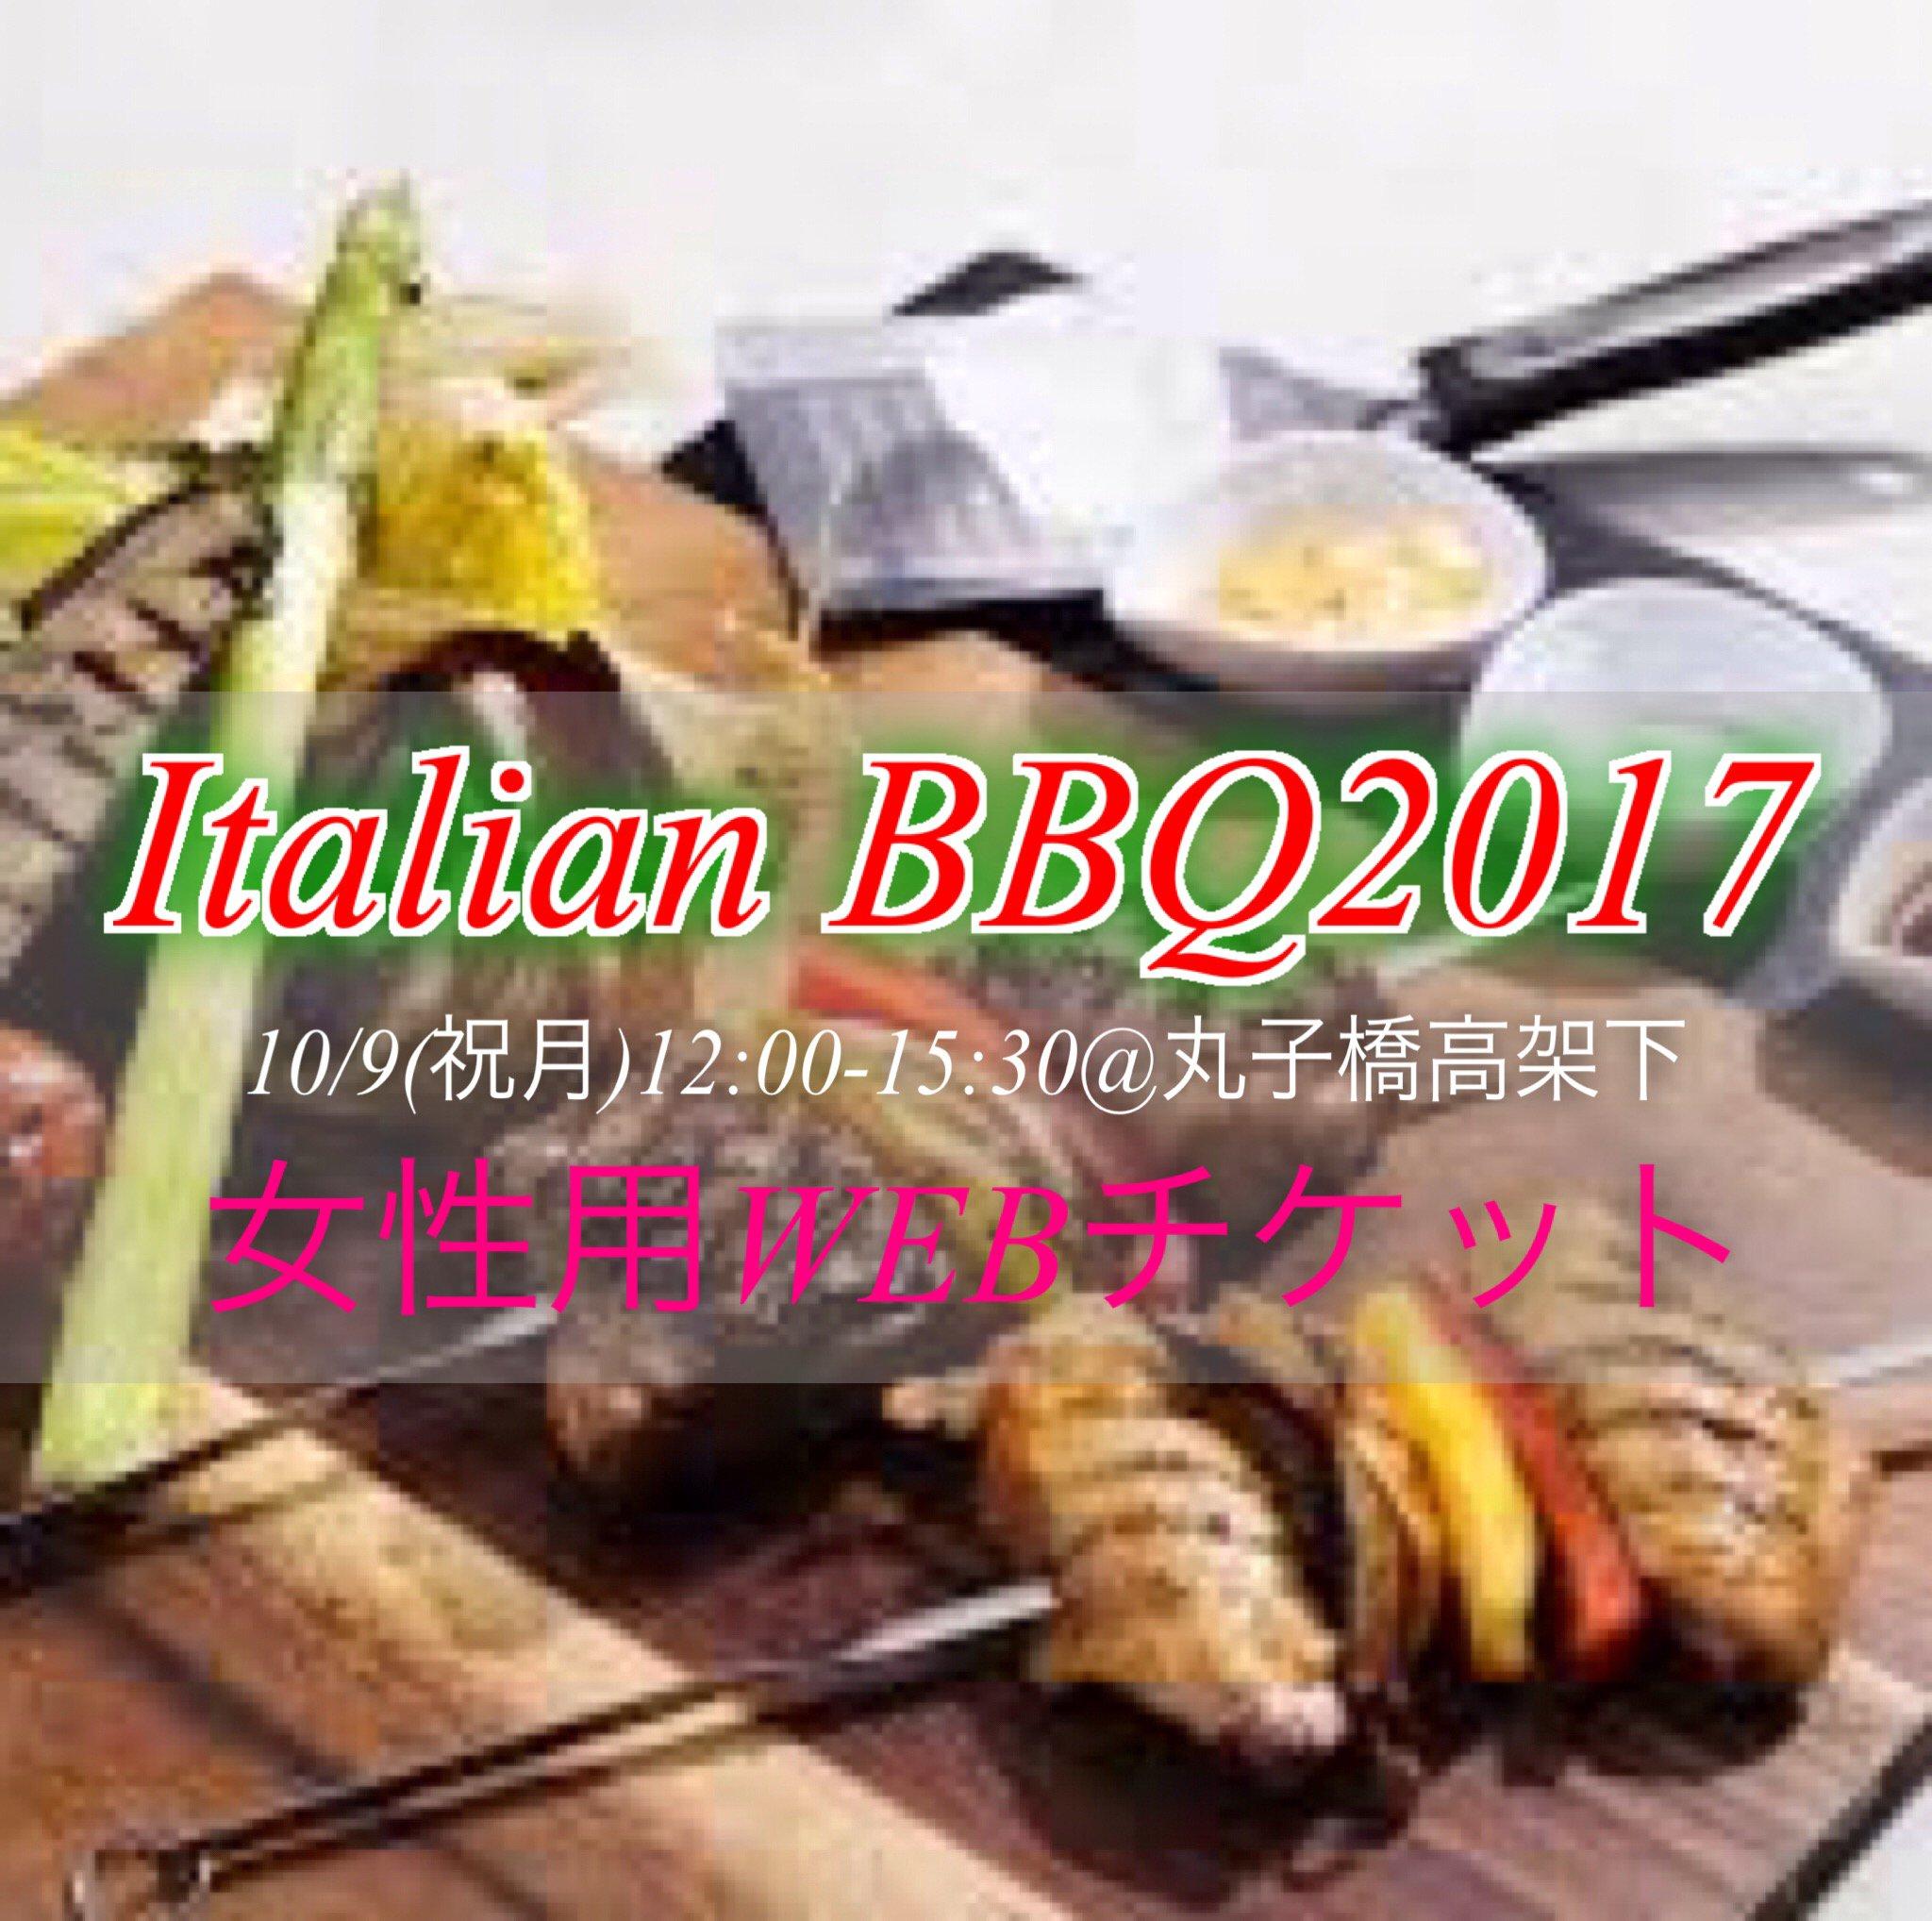 【女性用10/9(祝月)東京・神奈川1000名BBQ企画TY】【1名参加歓迎&初参加歓迎】Italian BBQ フェス 2017 ウェブチケットのイメージその1